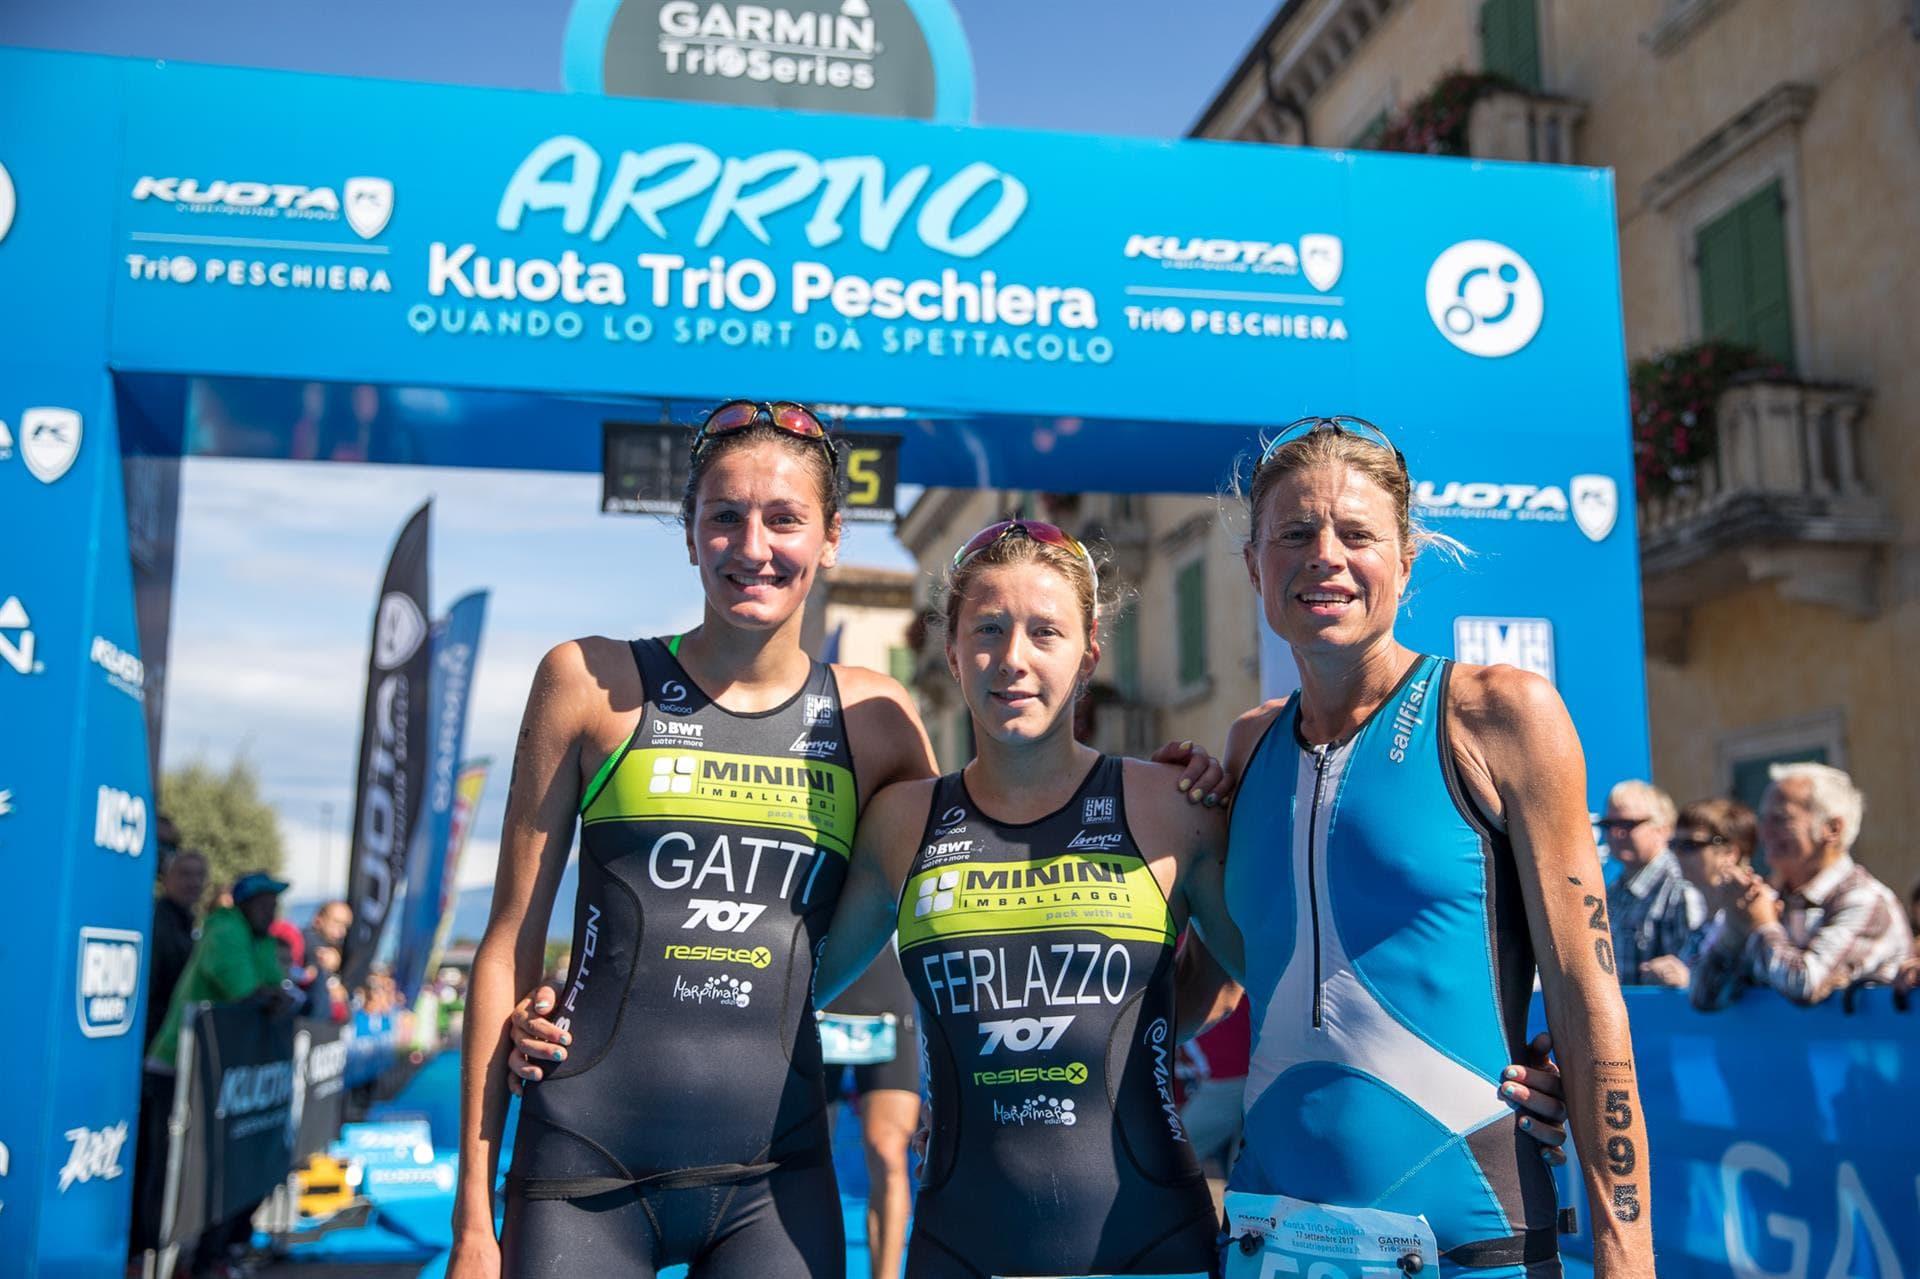 Il podio femminile del triathlon sprint vinto Francesca Ferlazzo al Kuota TriO Peschiera 2017